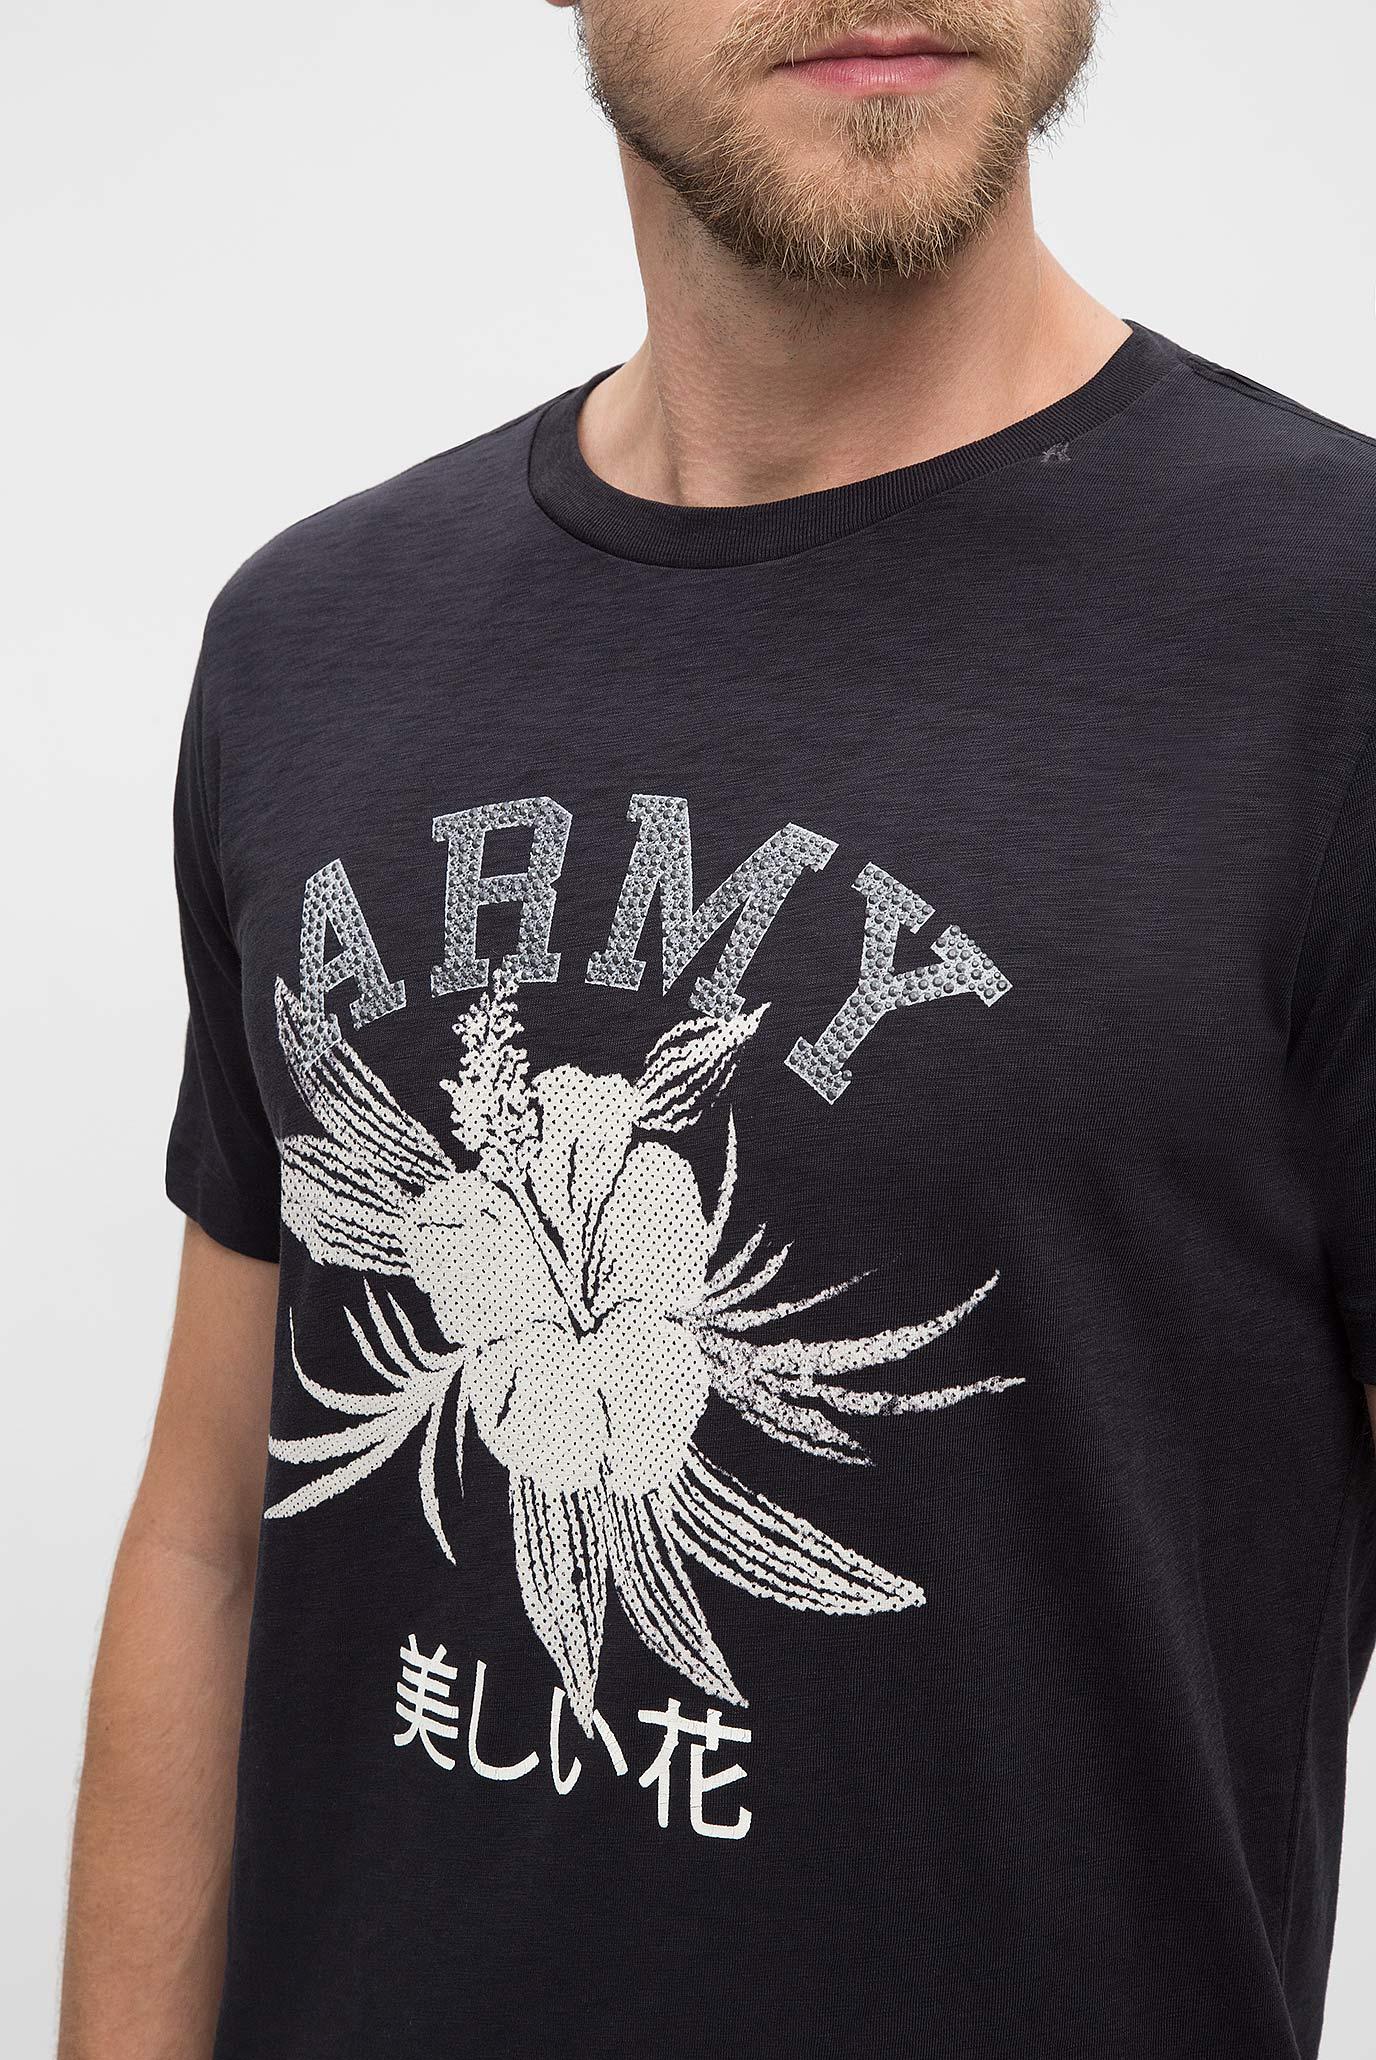 Купить Мужская черная футболка с принтом Replay Replay M3508 .000.22336 – Киев, Украина. Цены в интернет магазине MD Fashion